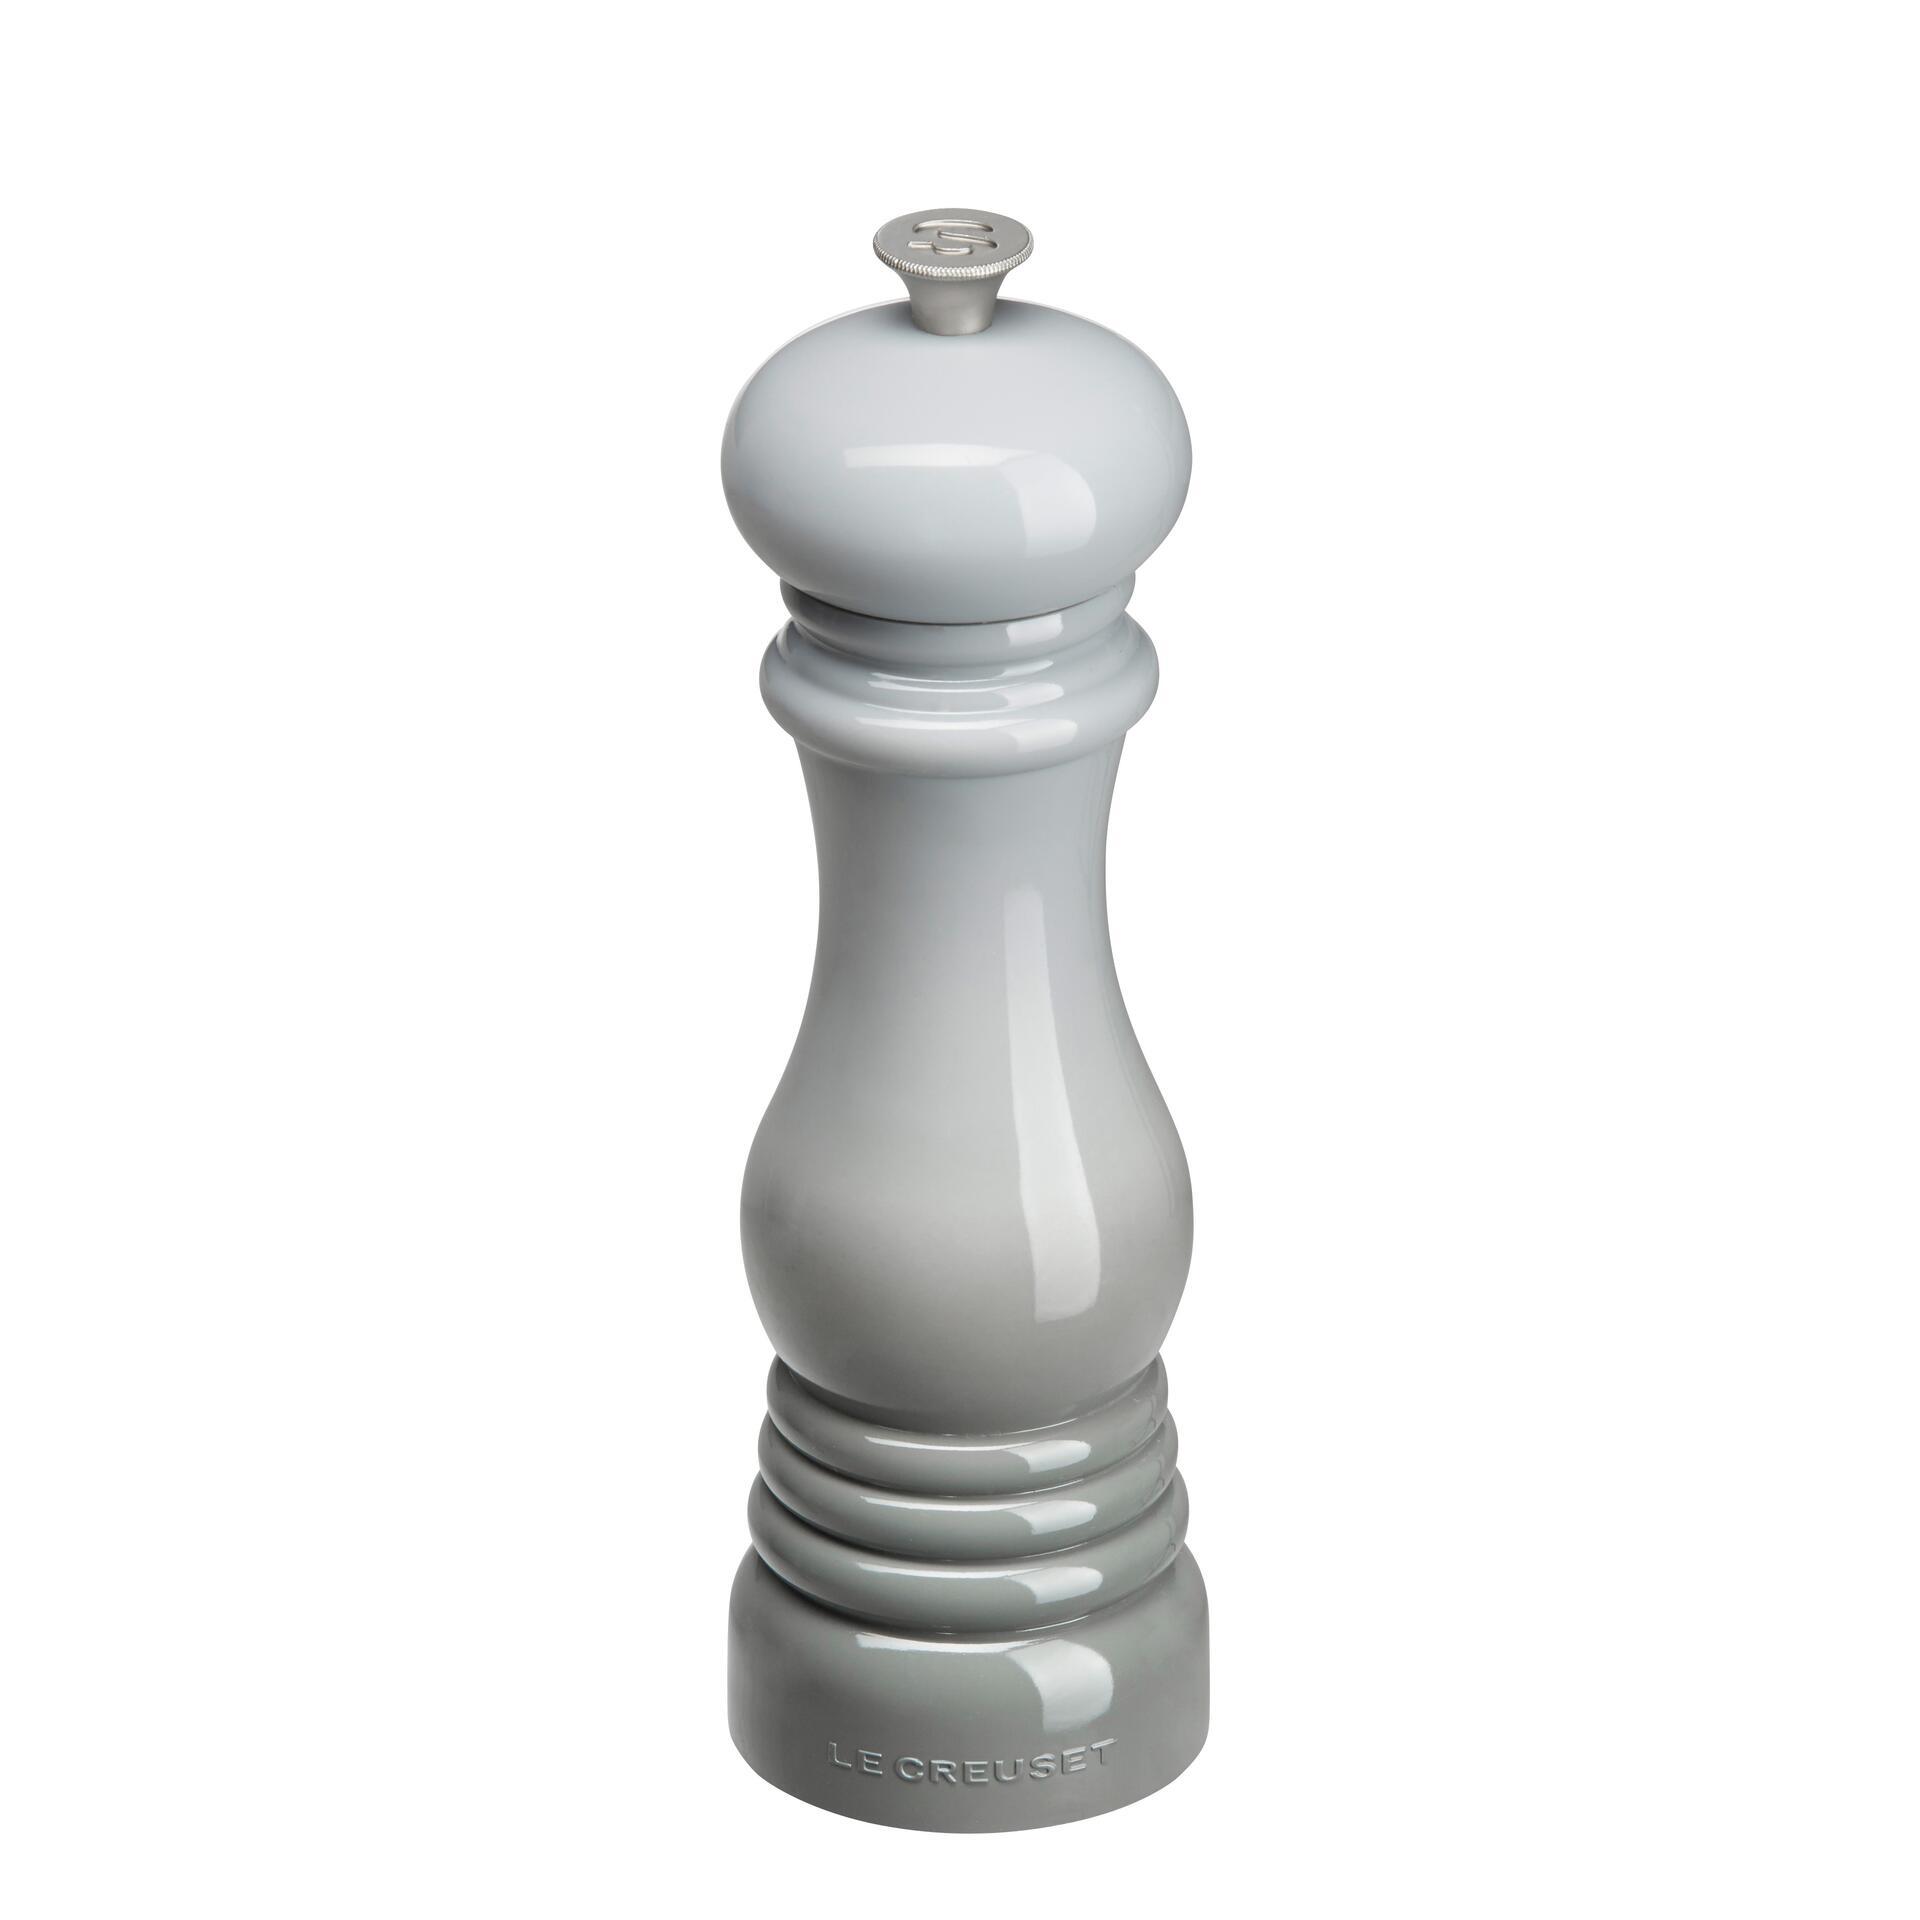 Le Creuset Salzmühle Perlgrau 21 cm